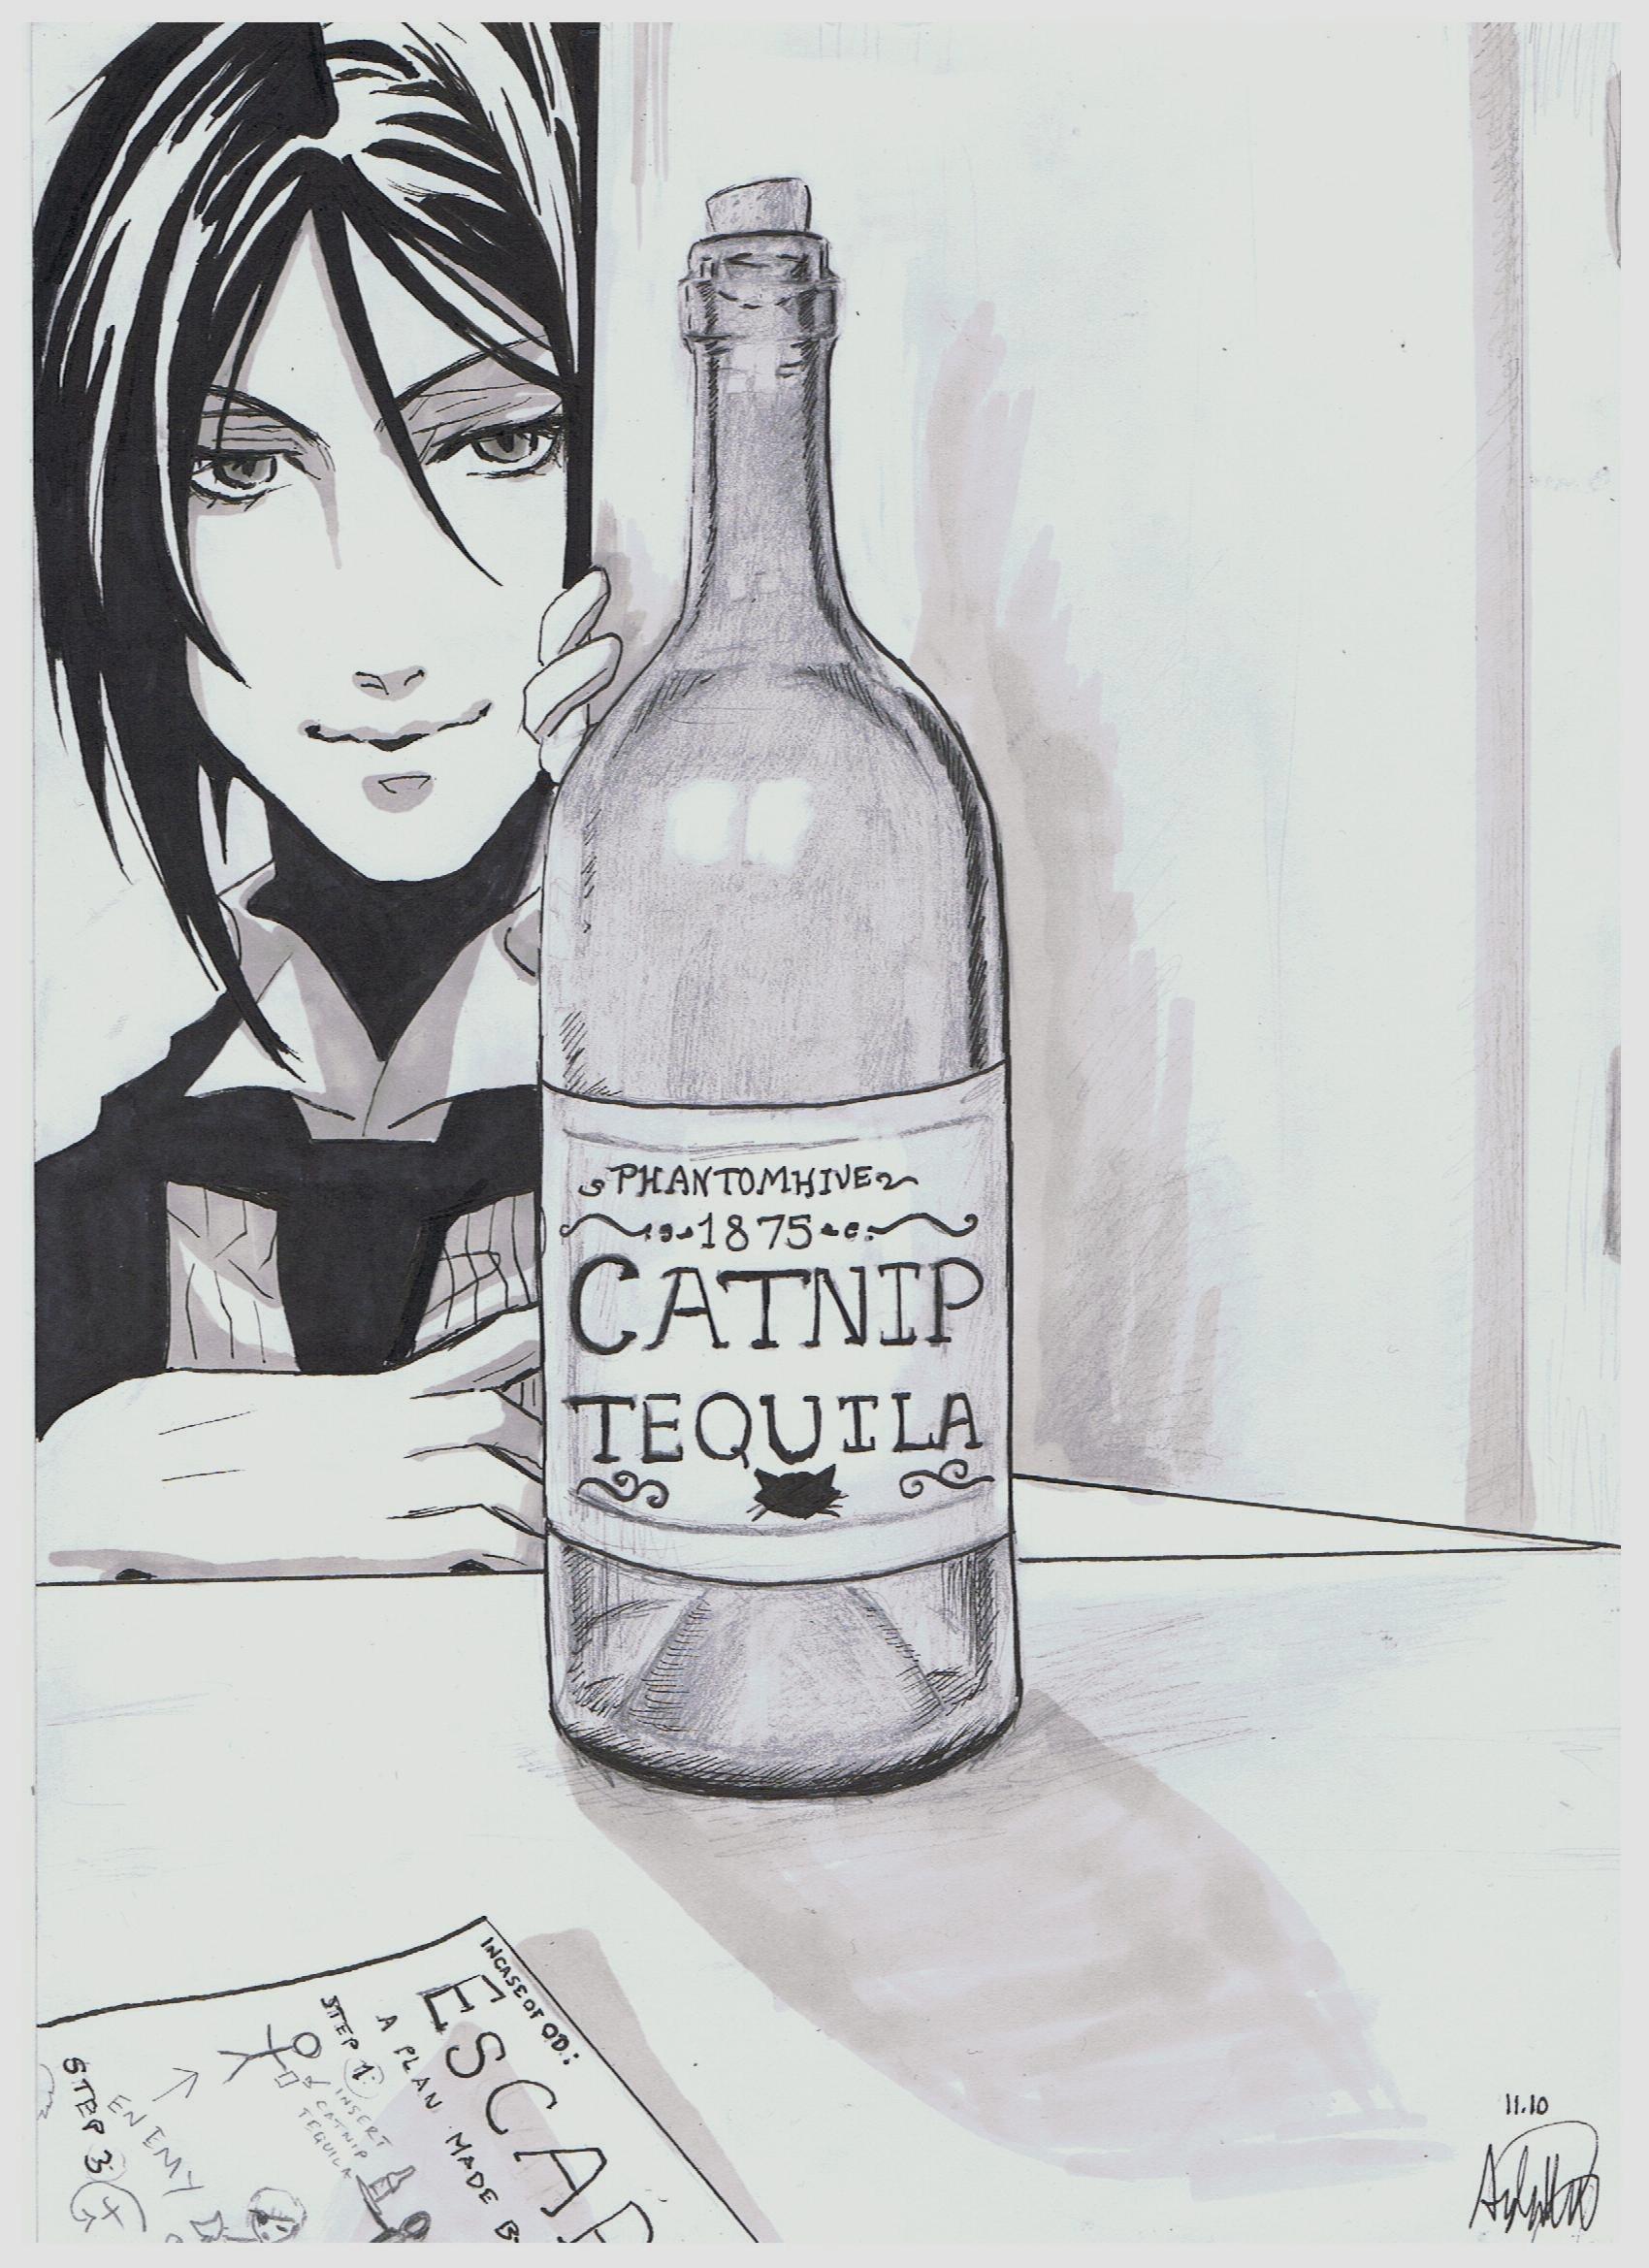 Kuroshitsuji: Catnip Tequila by AylaMorell